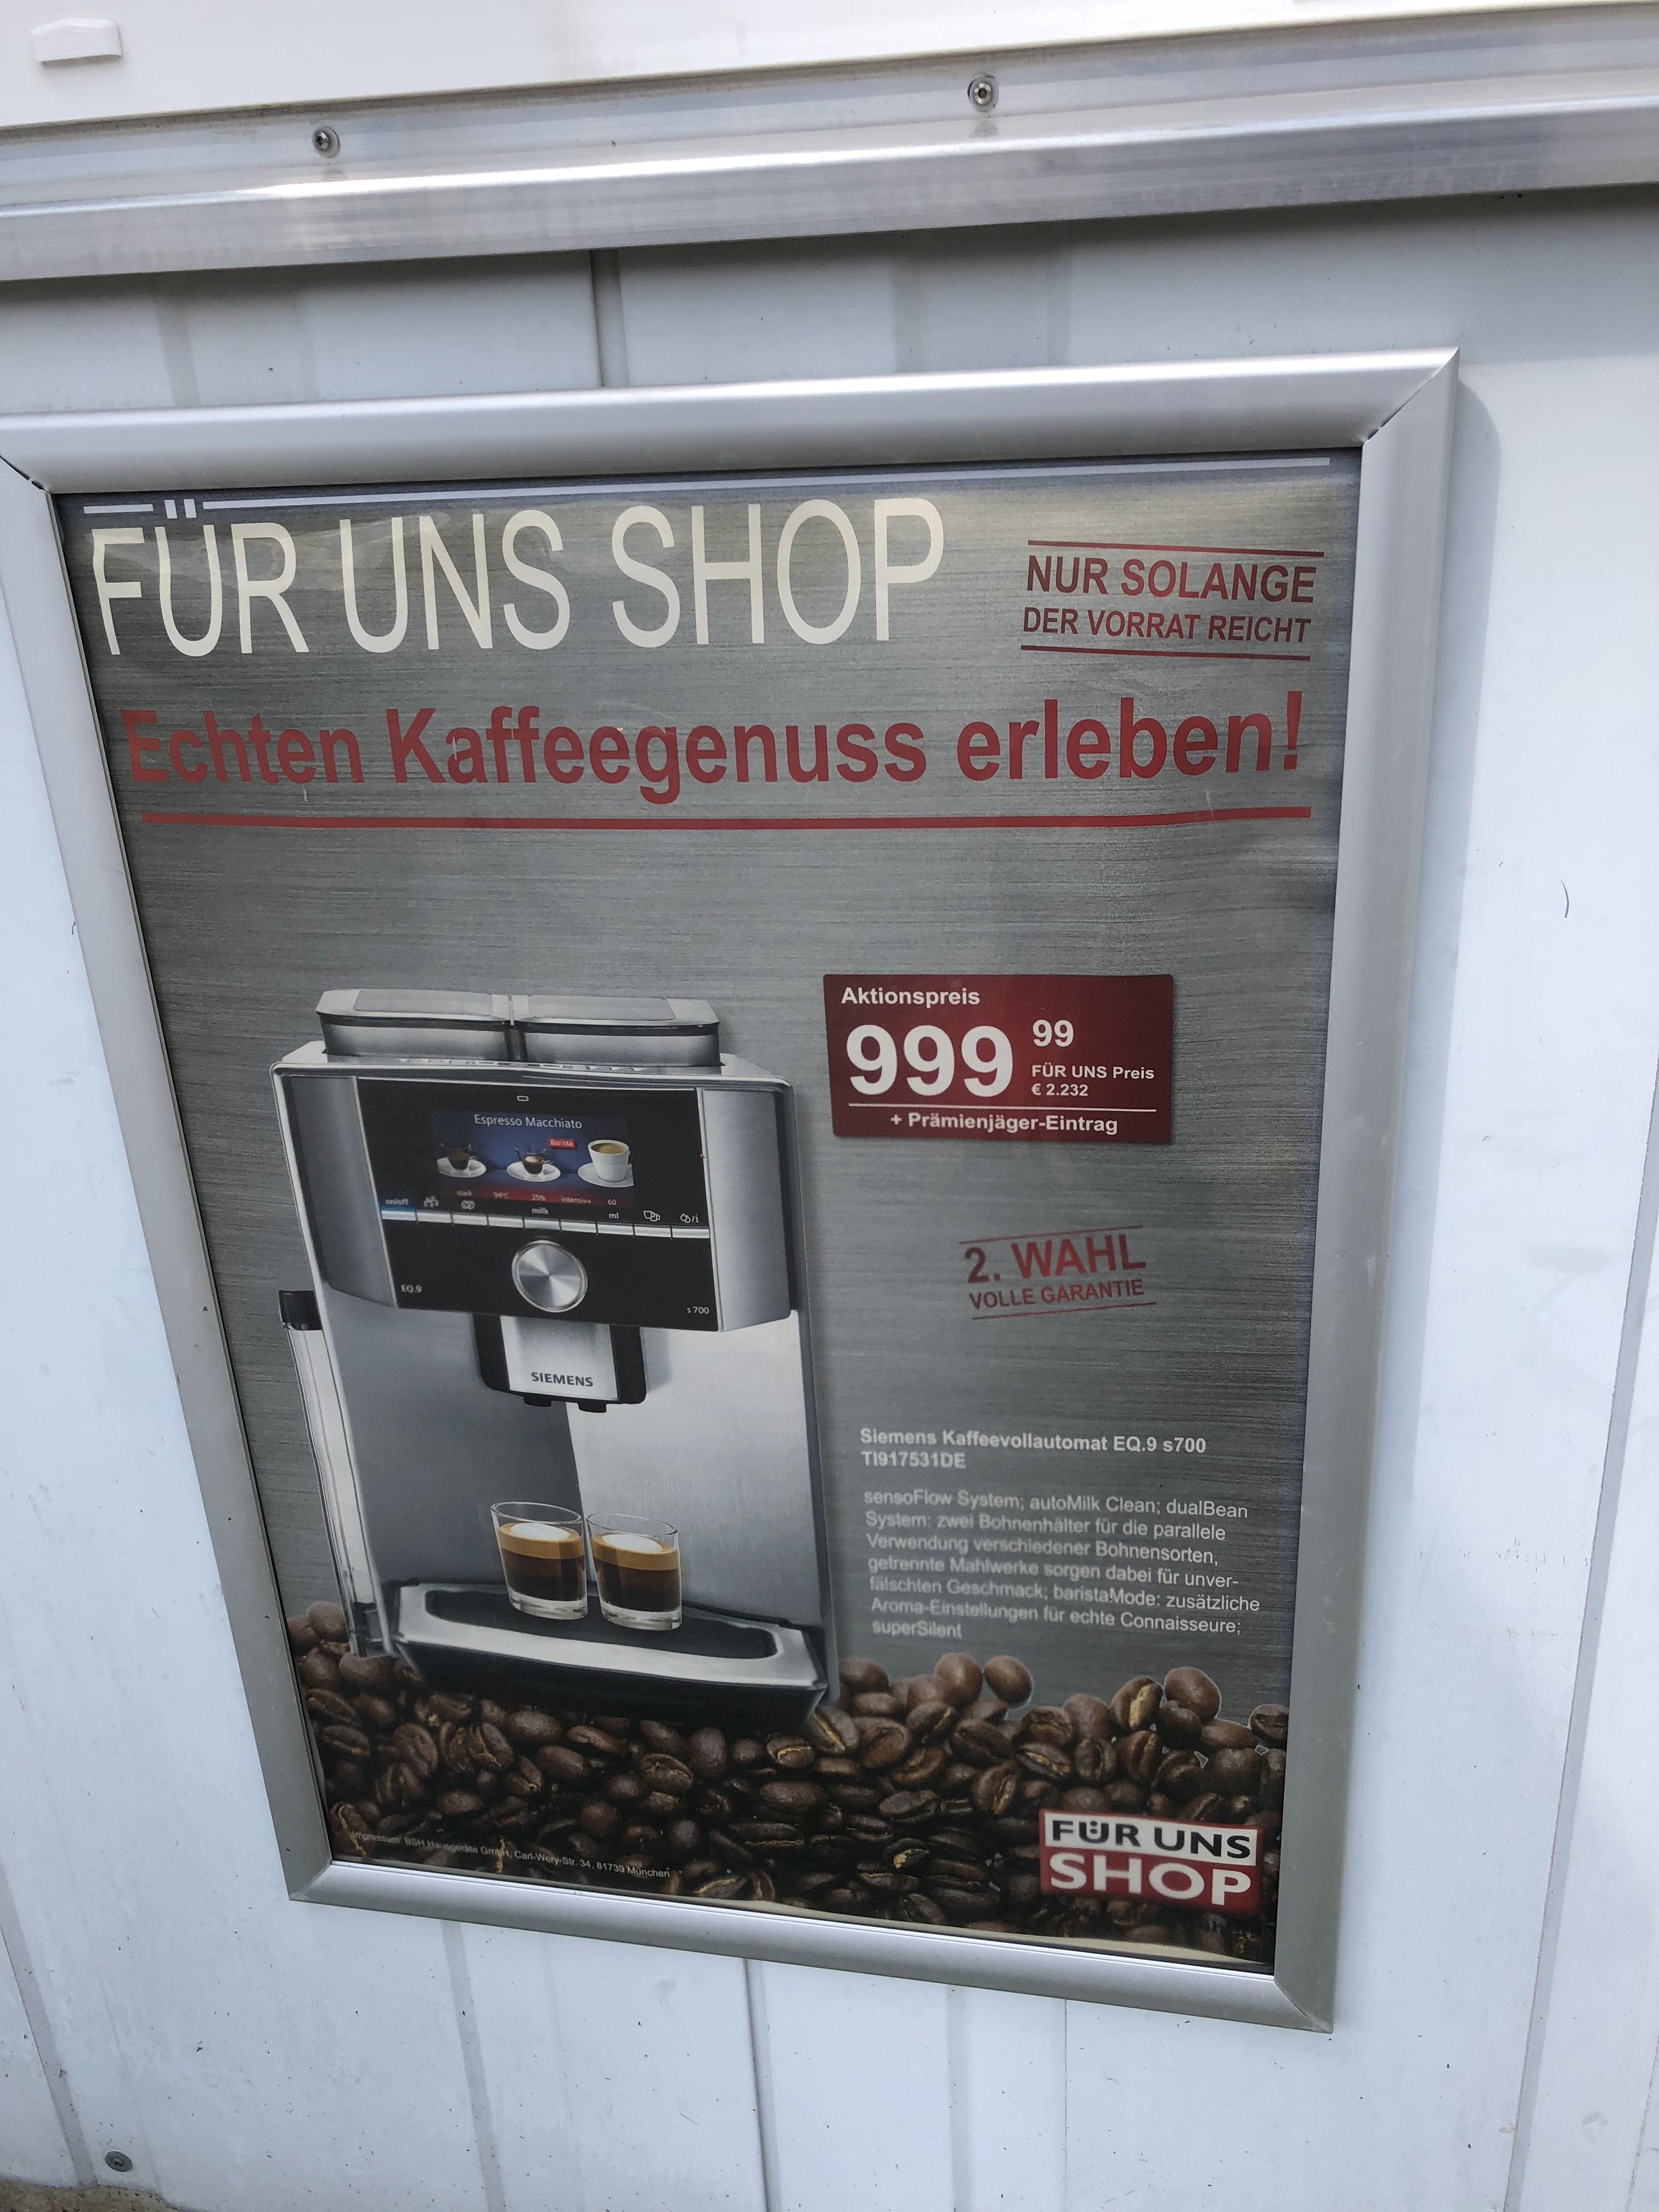 (LOKAL) Siemens EQ 9 S700 / EQ 9 S300 etc. * 2. Wahl * (die von mir gekaufte Maschine war keine 2. Wahl) München